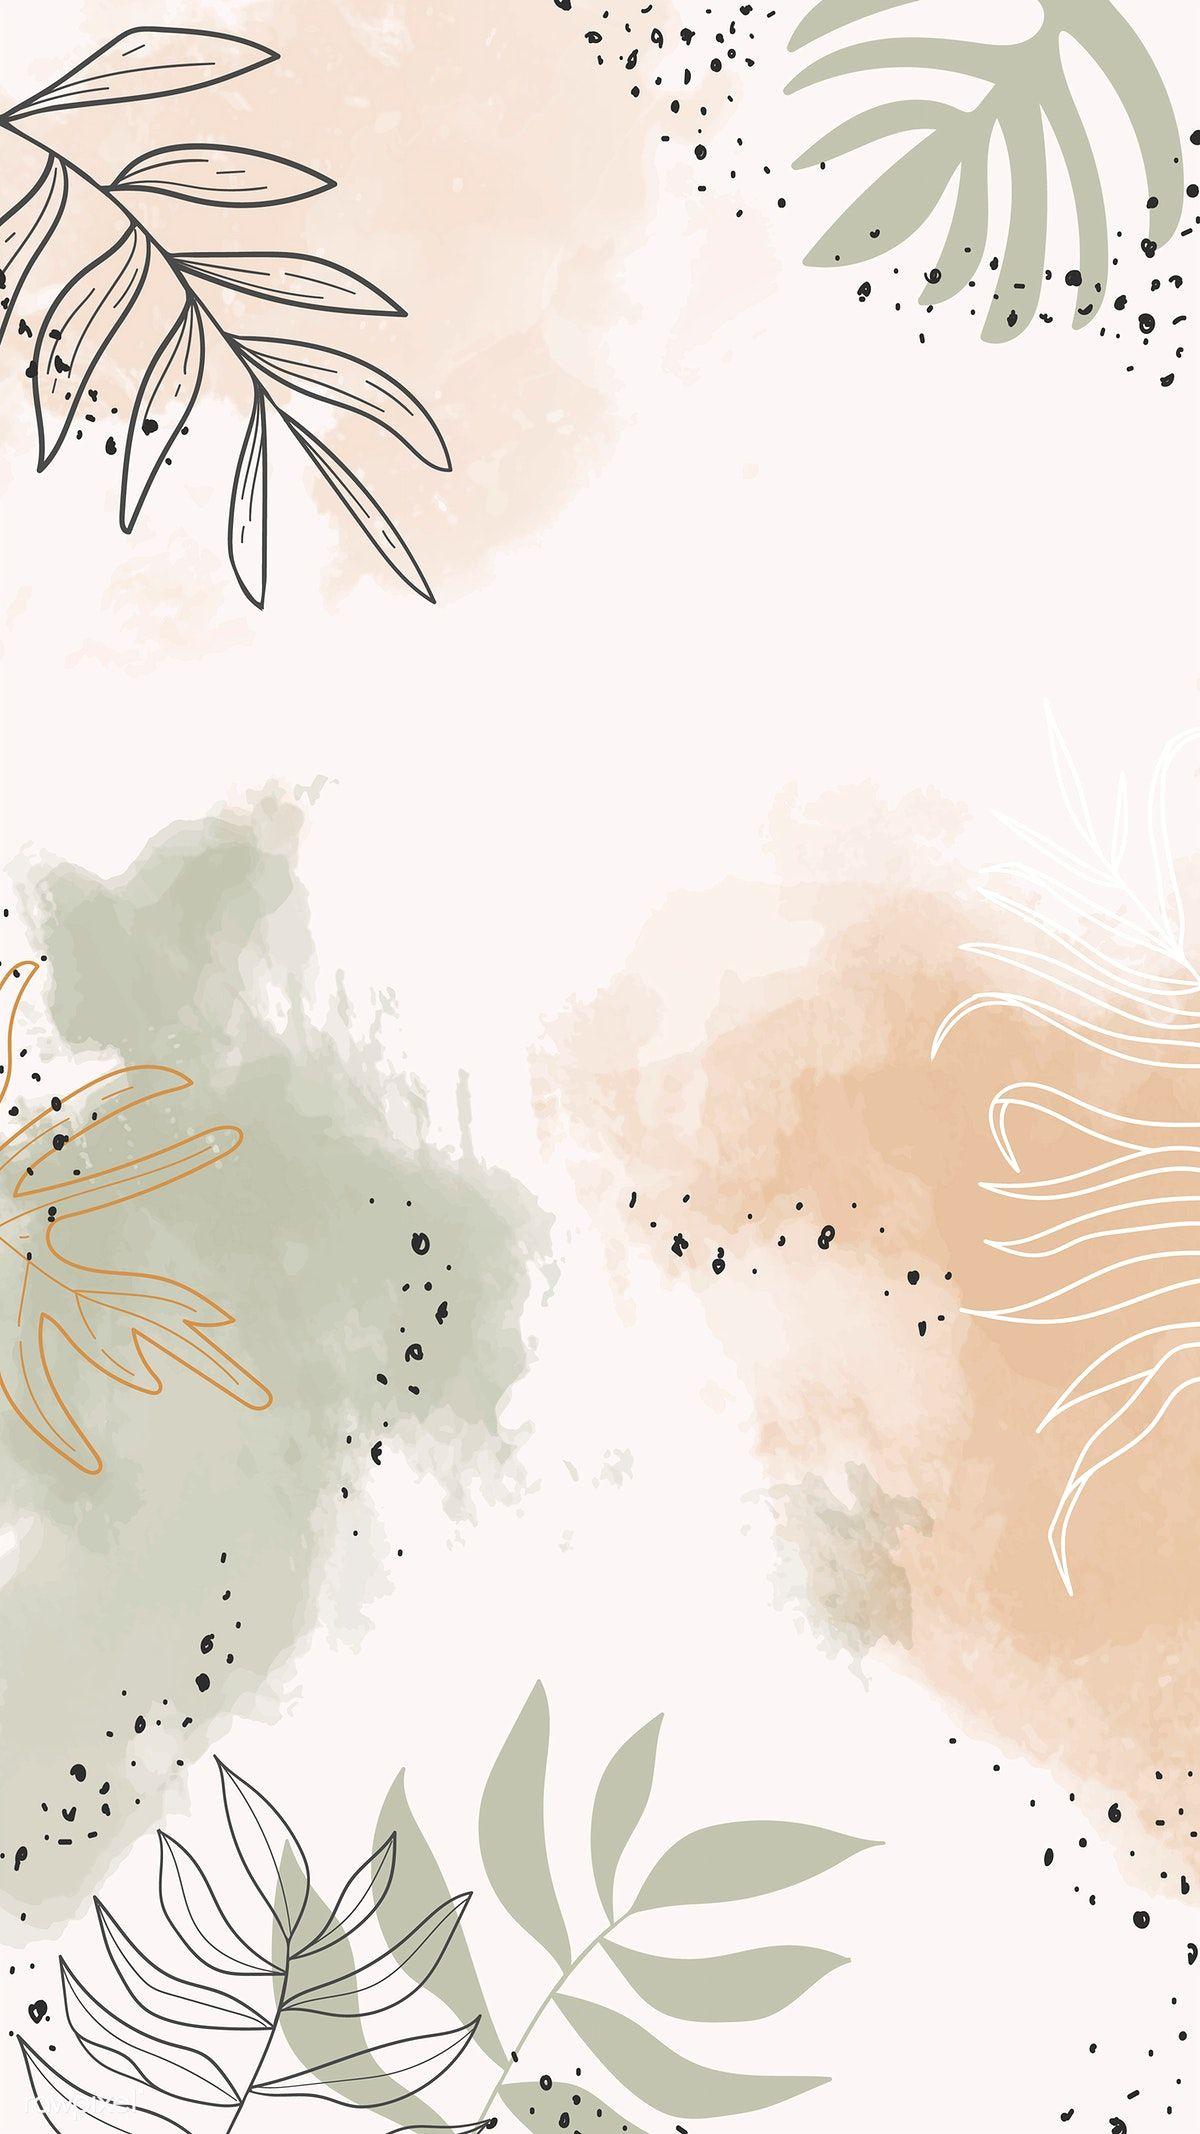 phone wall paper watercolor #phonewallpaper Beige leafy watercolor mobile phone wallpaper vector | premium image by rawpixel.com / Aum